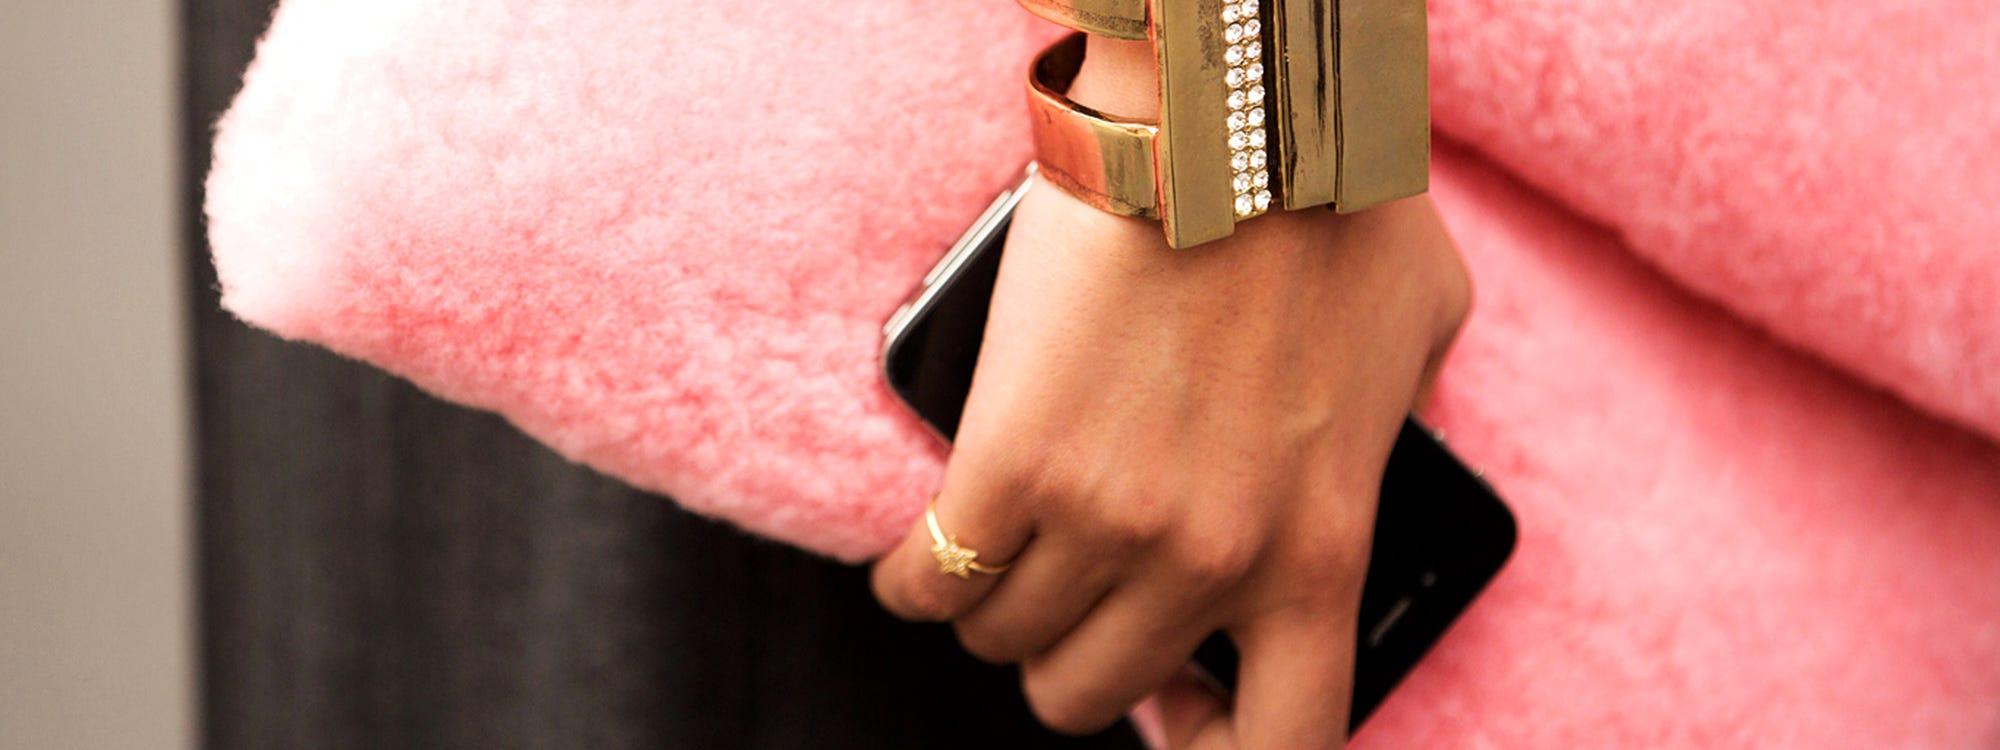 How To Spot A Fake Designer Bag Entrupy App Gadget